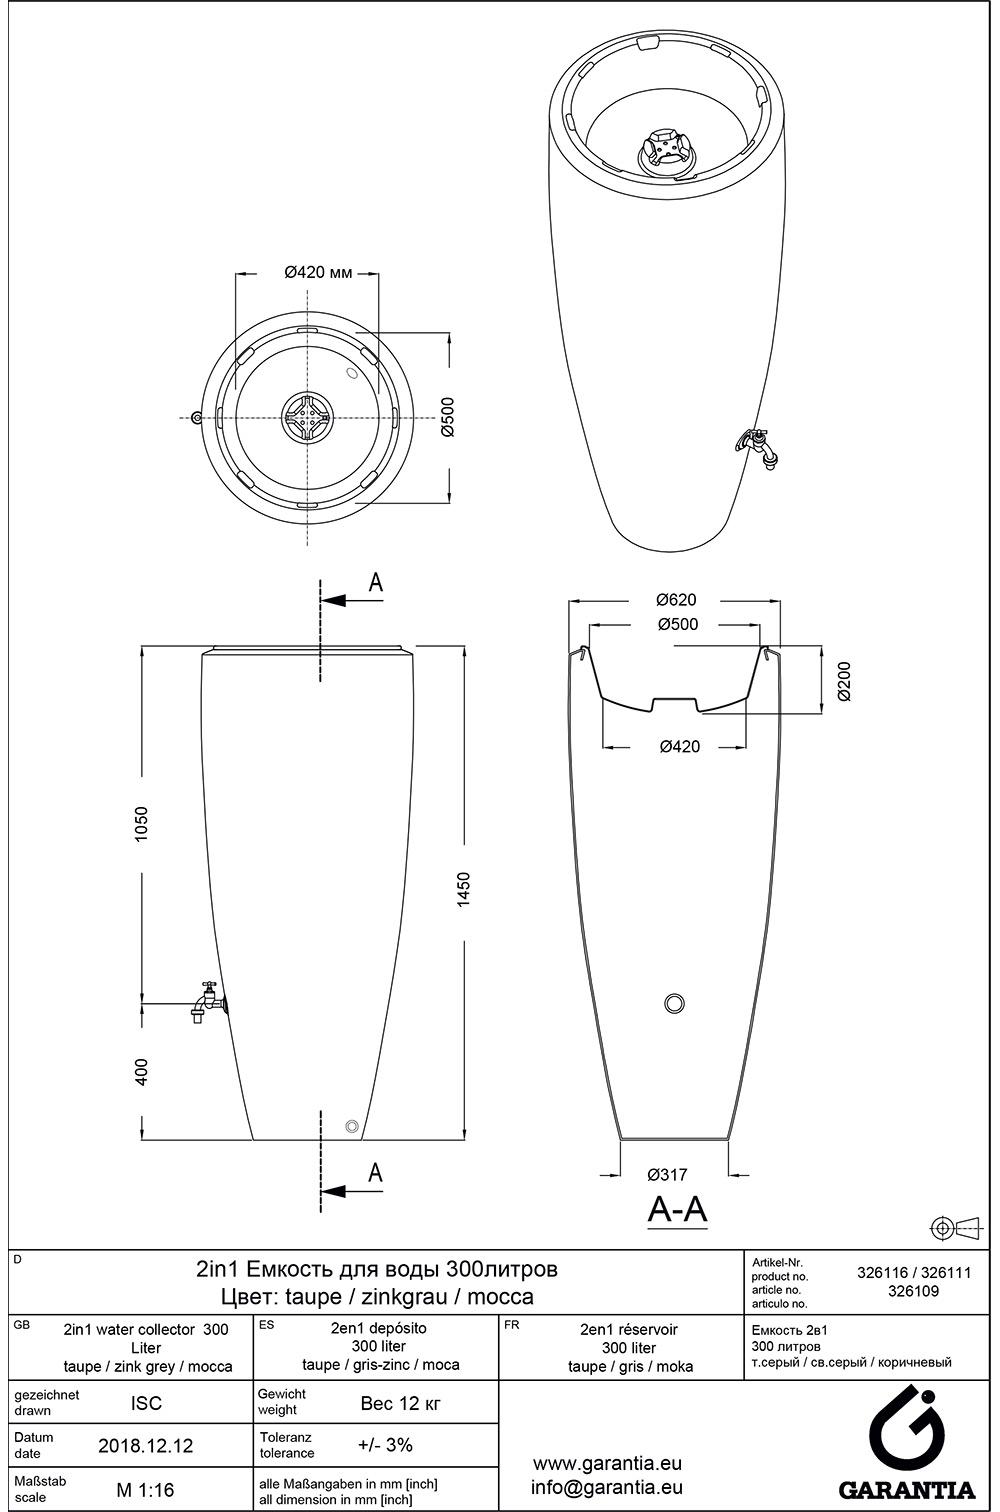 установка декоративной емкости для сбора воды 2in1